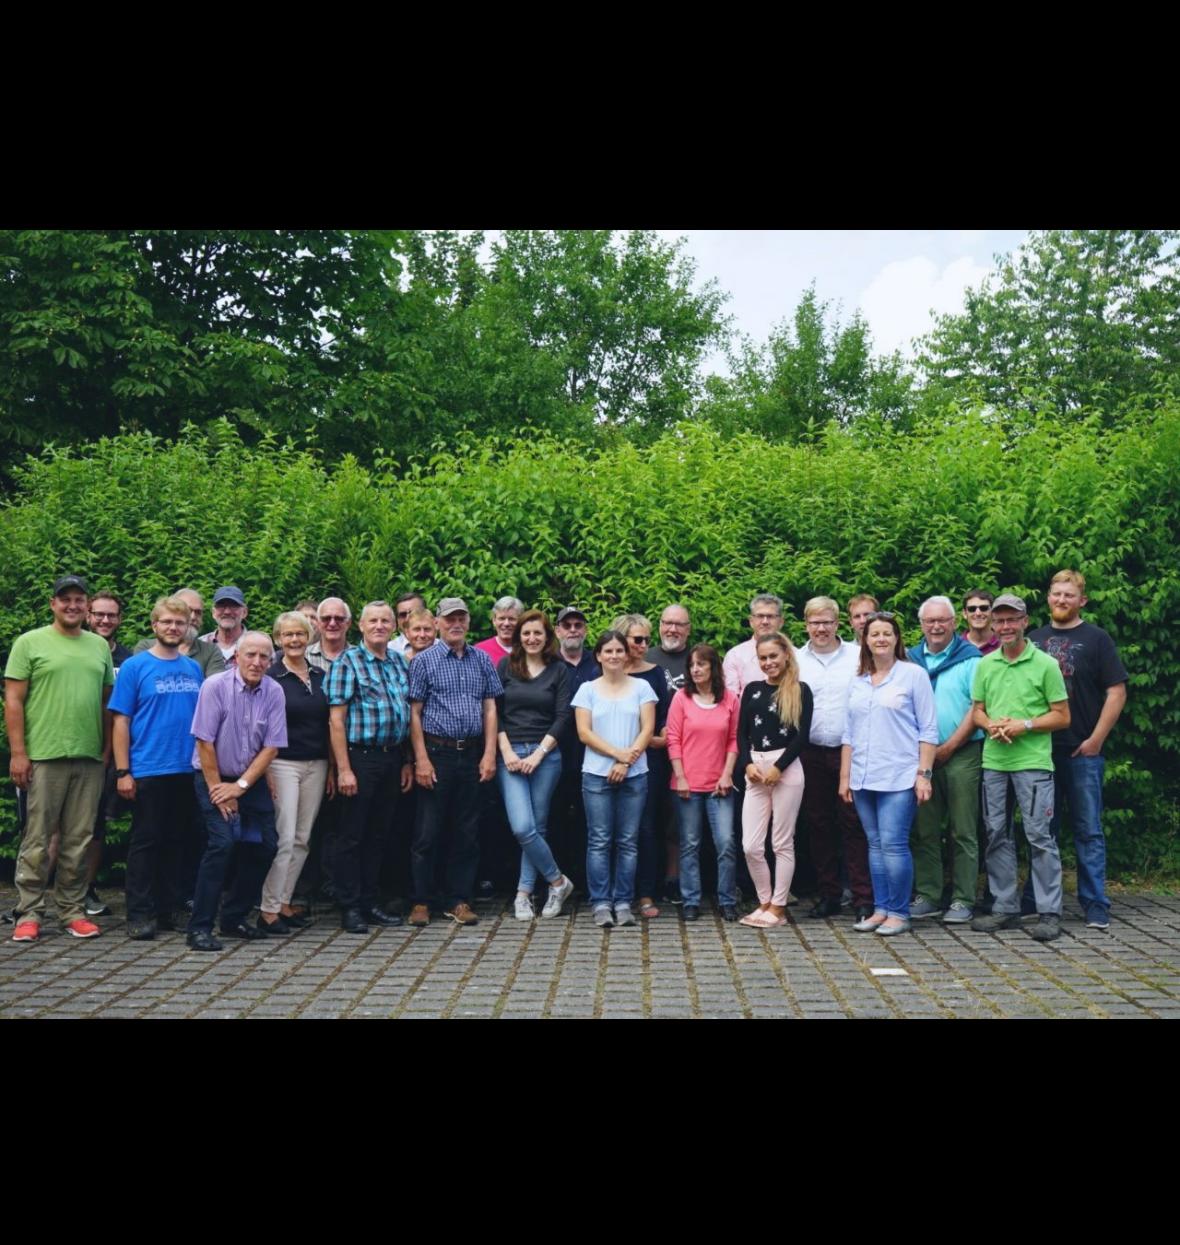 Das Team des Vermessungsbüro Rox und Mertens